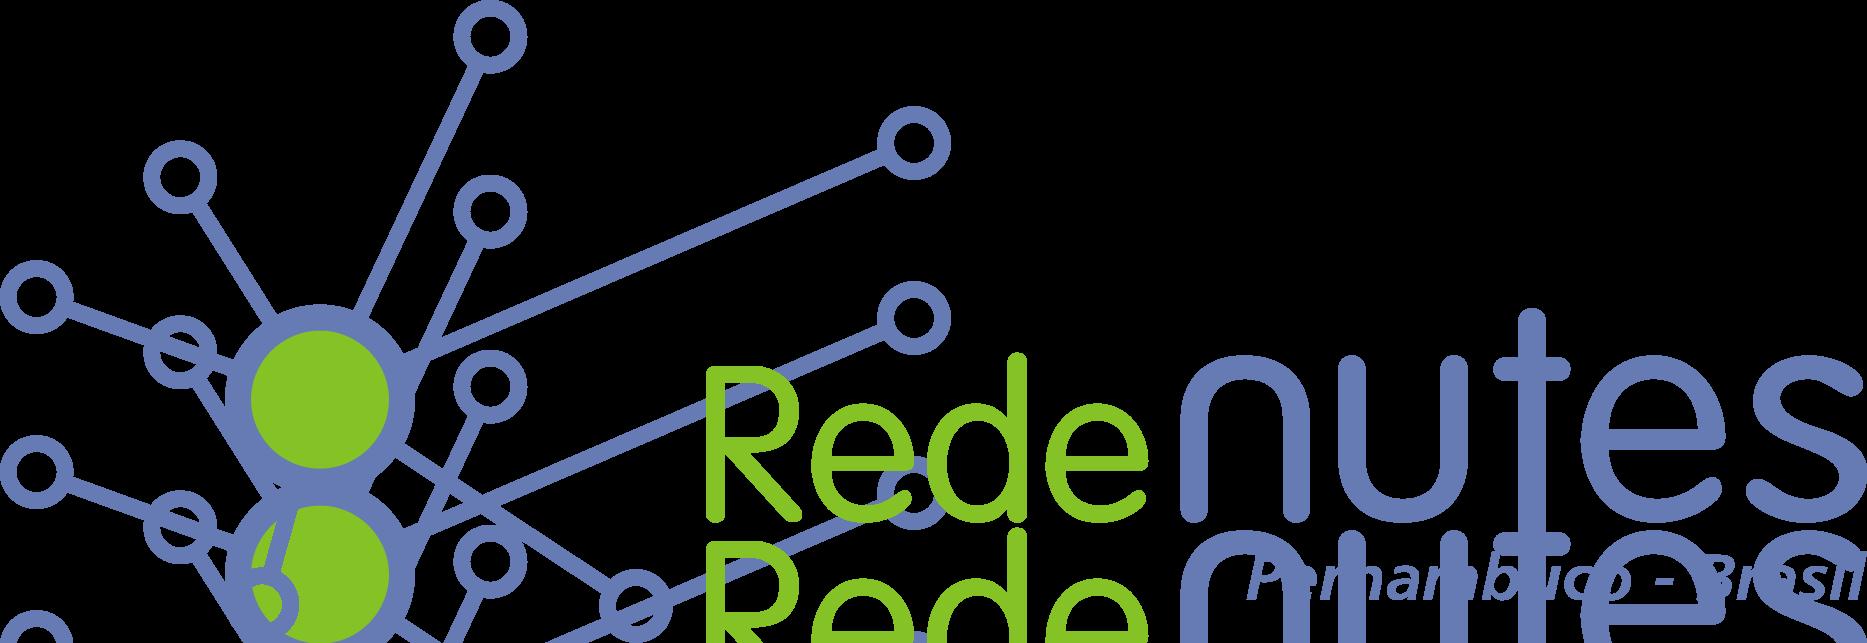 logo_rede_nutes